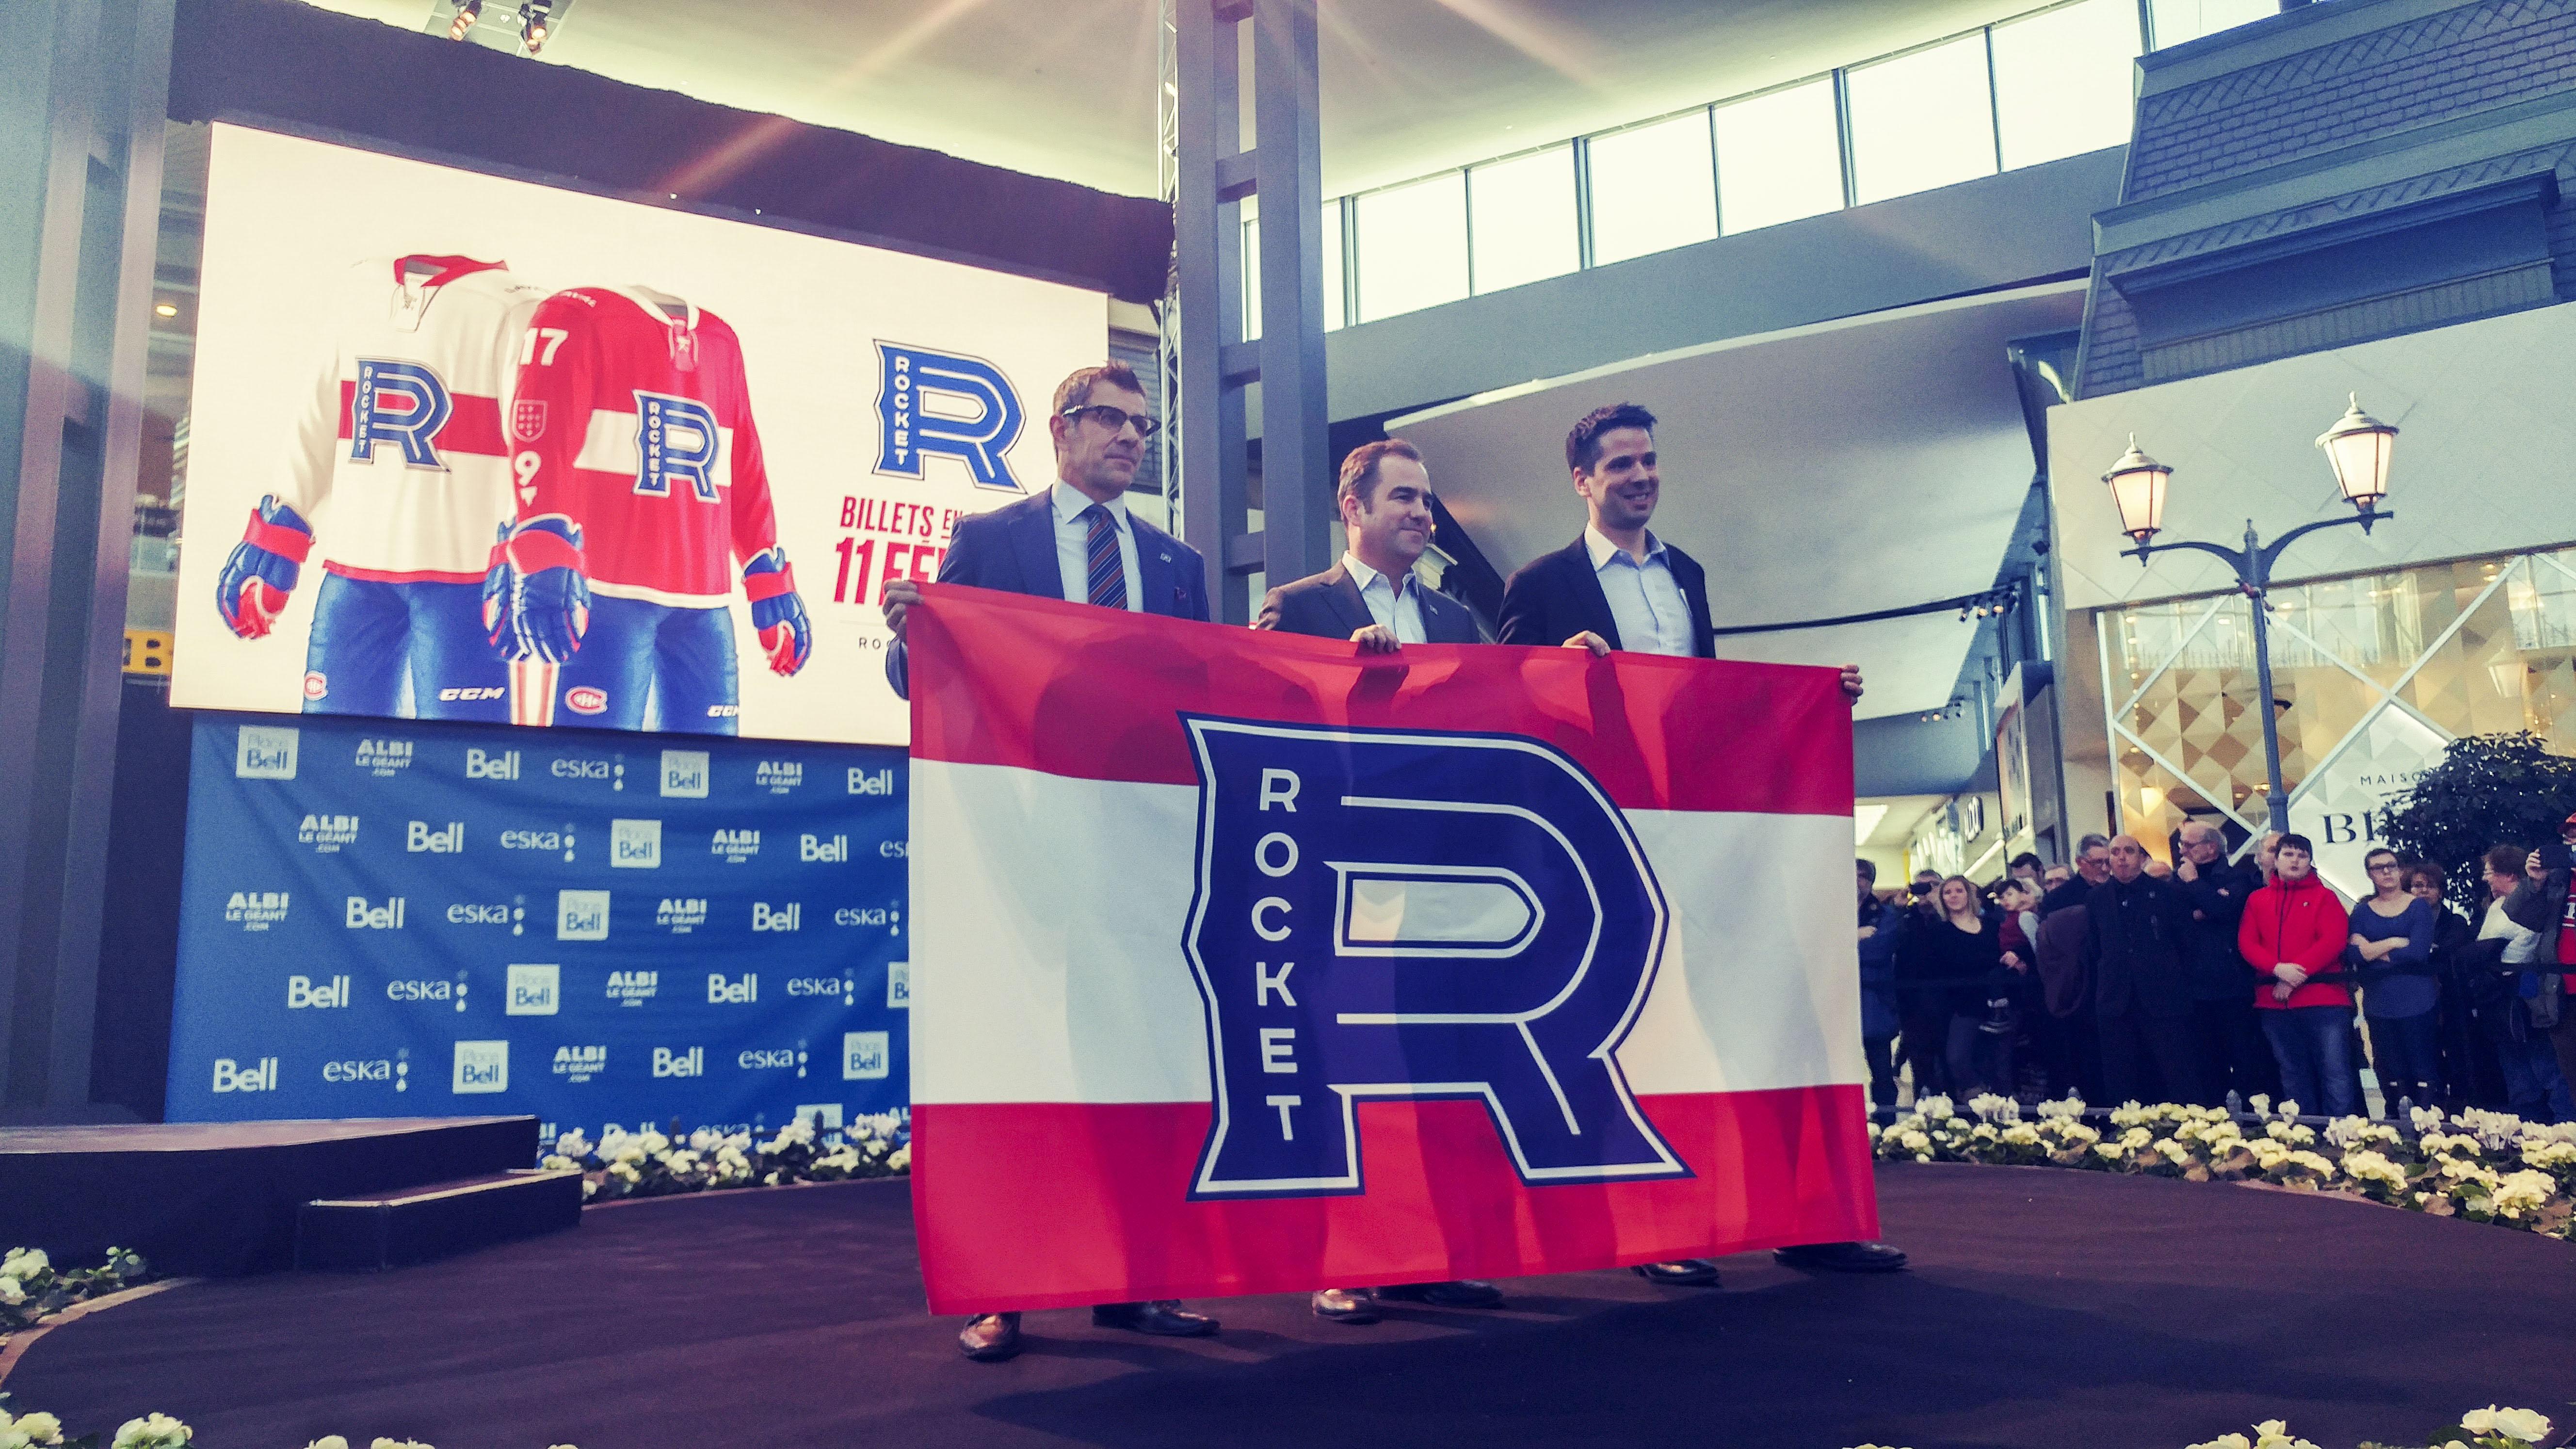 Le logo de club Le Rocket de Laval dévoilé